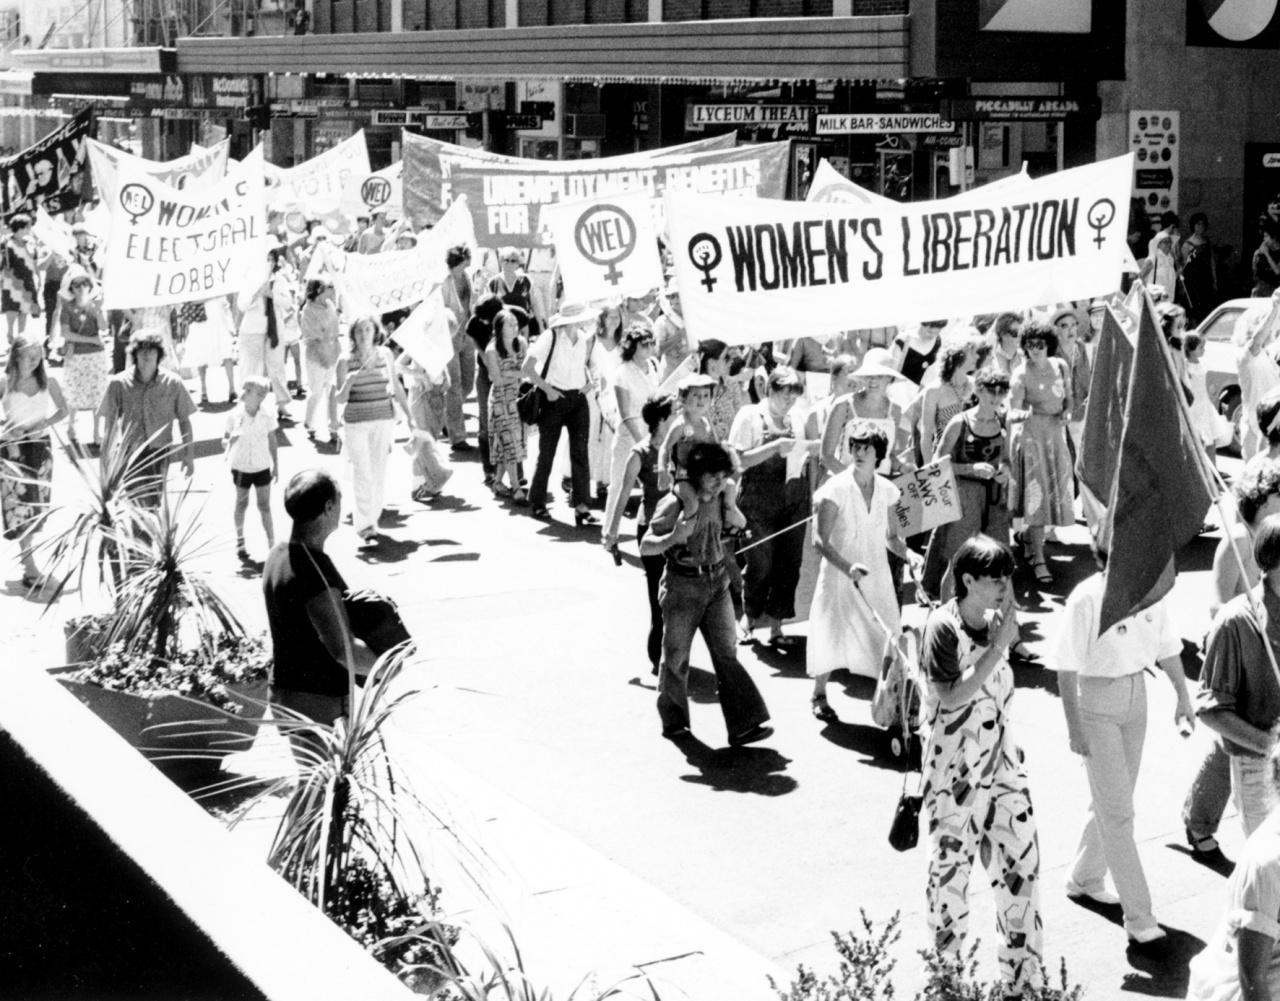 Mezinárodní den žen – oslava minulých, současných a budoucích bojů za práva žen